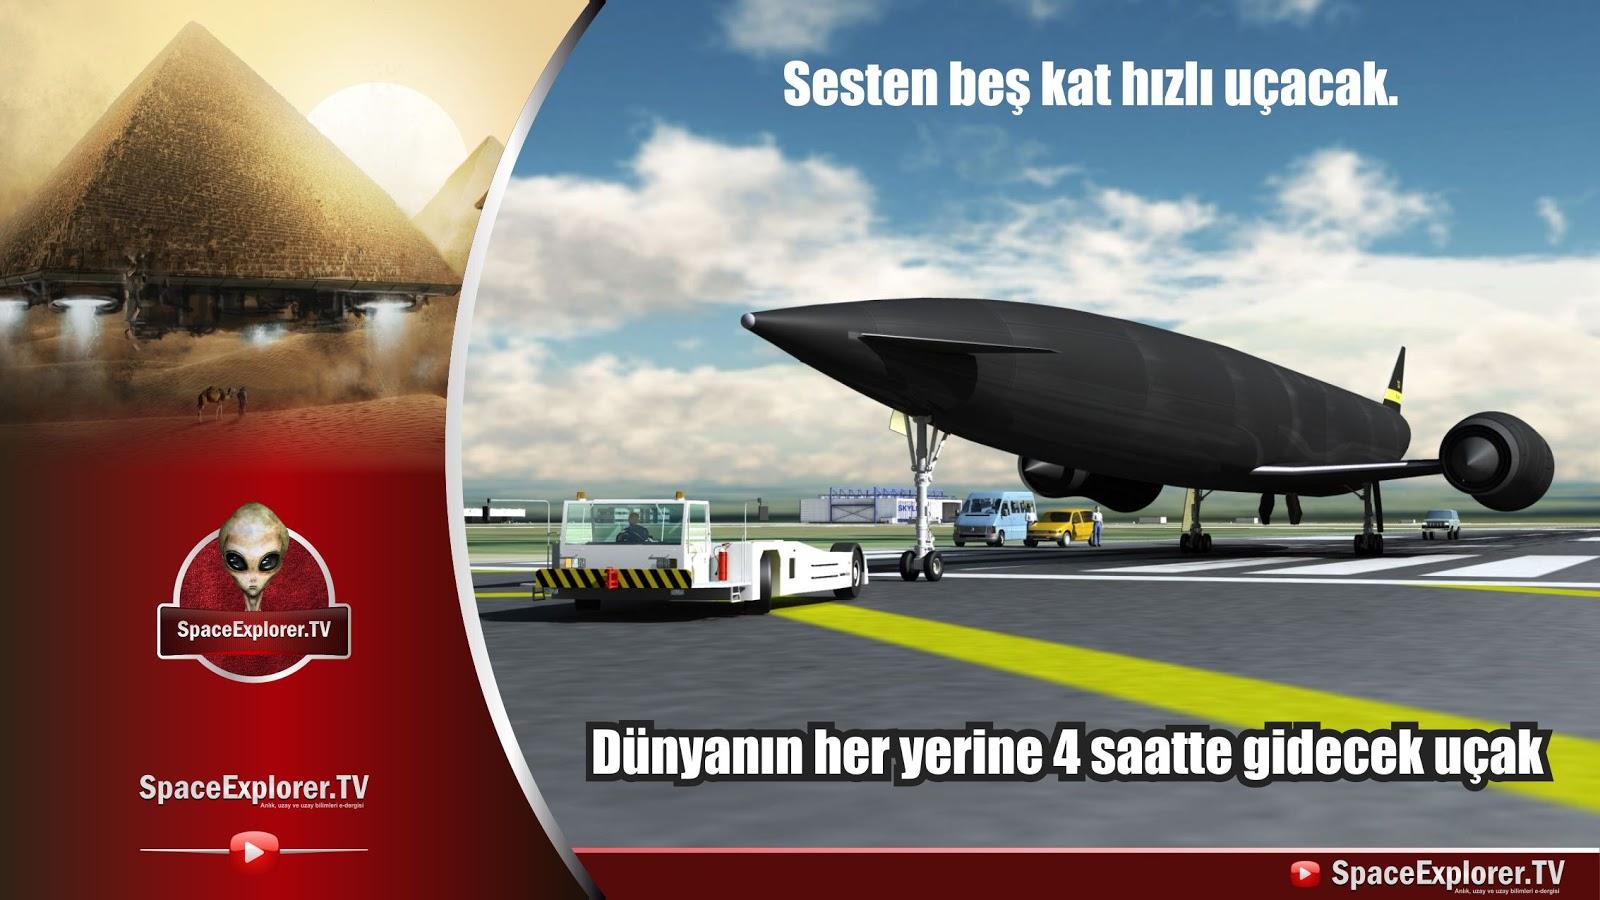 Uçaklar, Sivil Havacılık, Yolcu uçakları, Ses hızı, Sesten hızlı uçak,